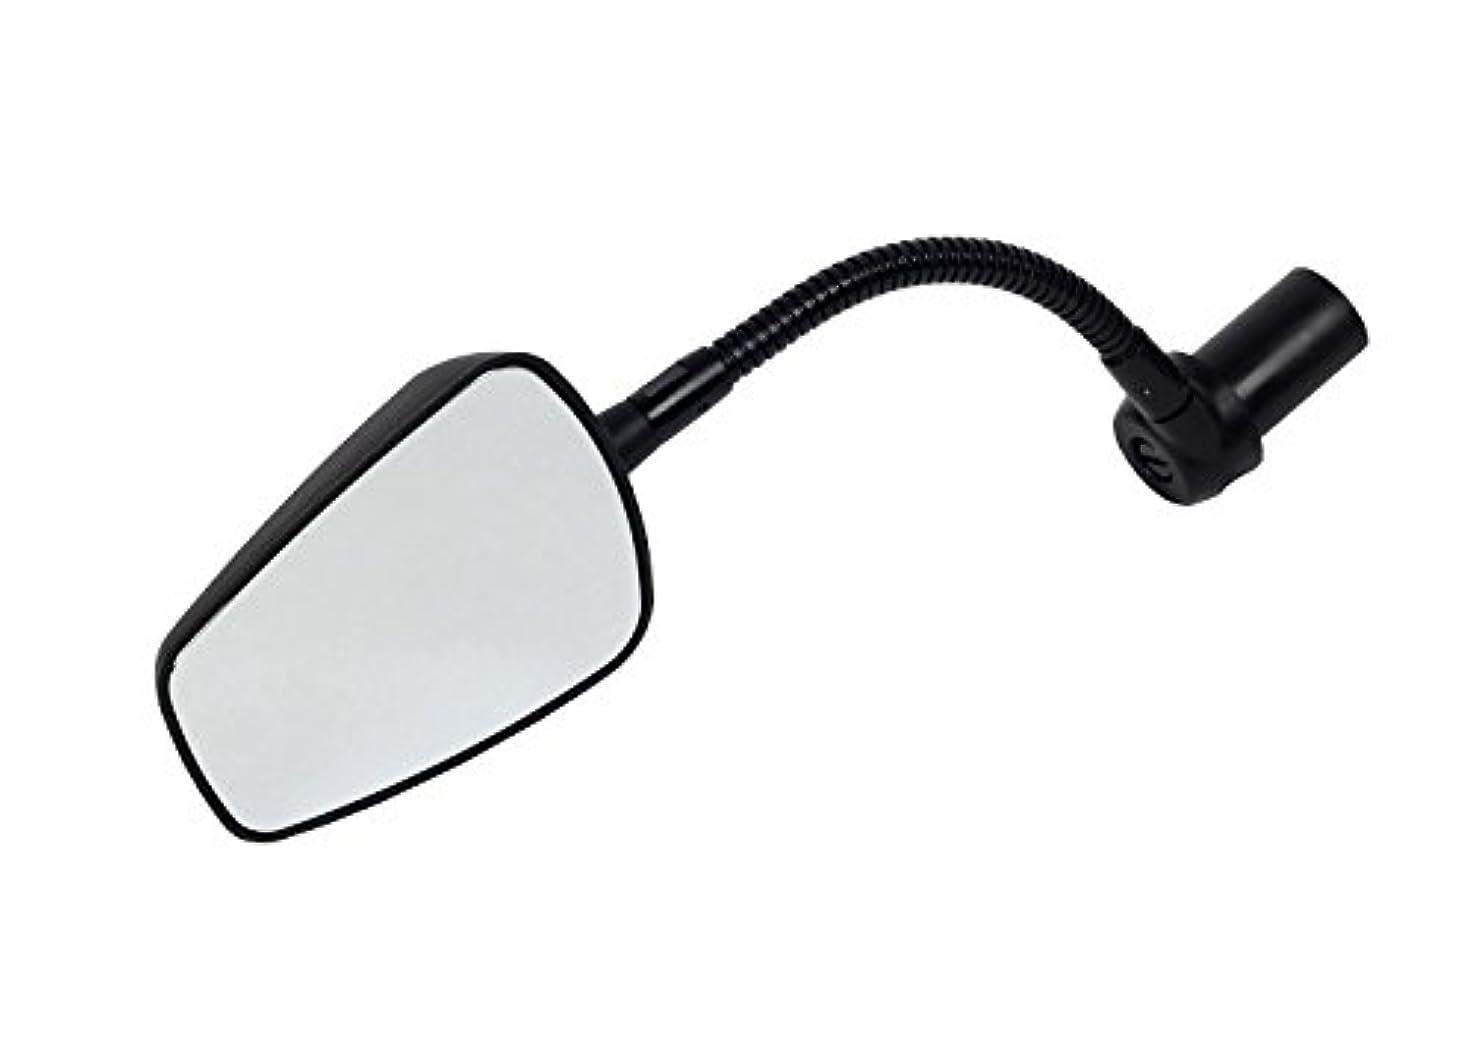 小学生養うレンダーZefal(ゼファール) バーエンドミラー エスピオン [Espion] 80g ハンドル径φ16-22mm 360°角度調整可能 475001